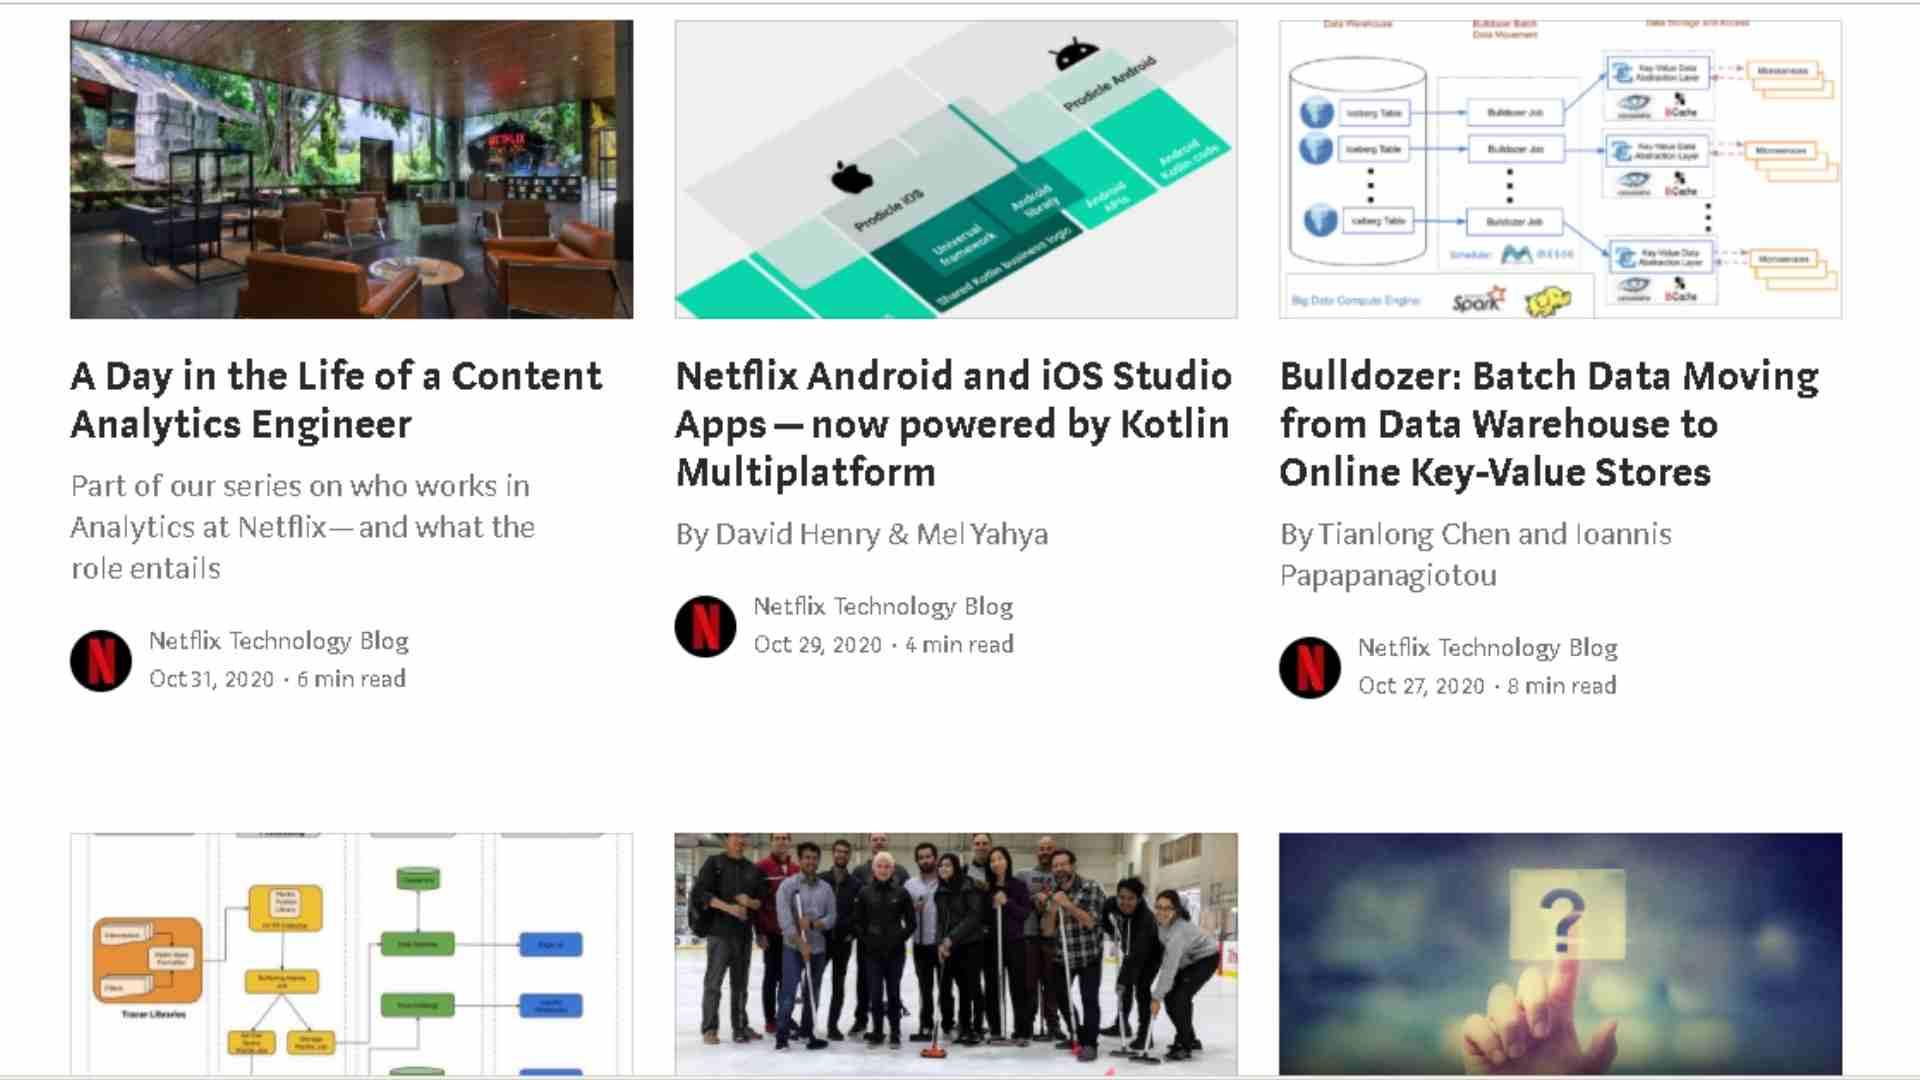 Netflix Tech Blog